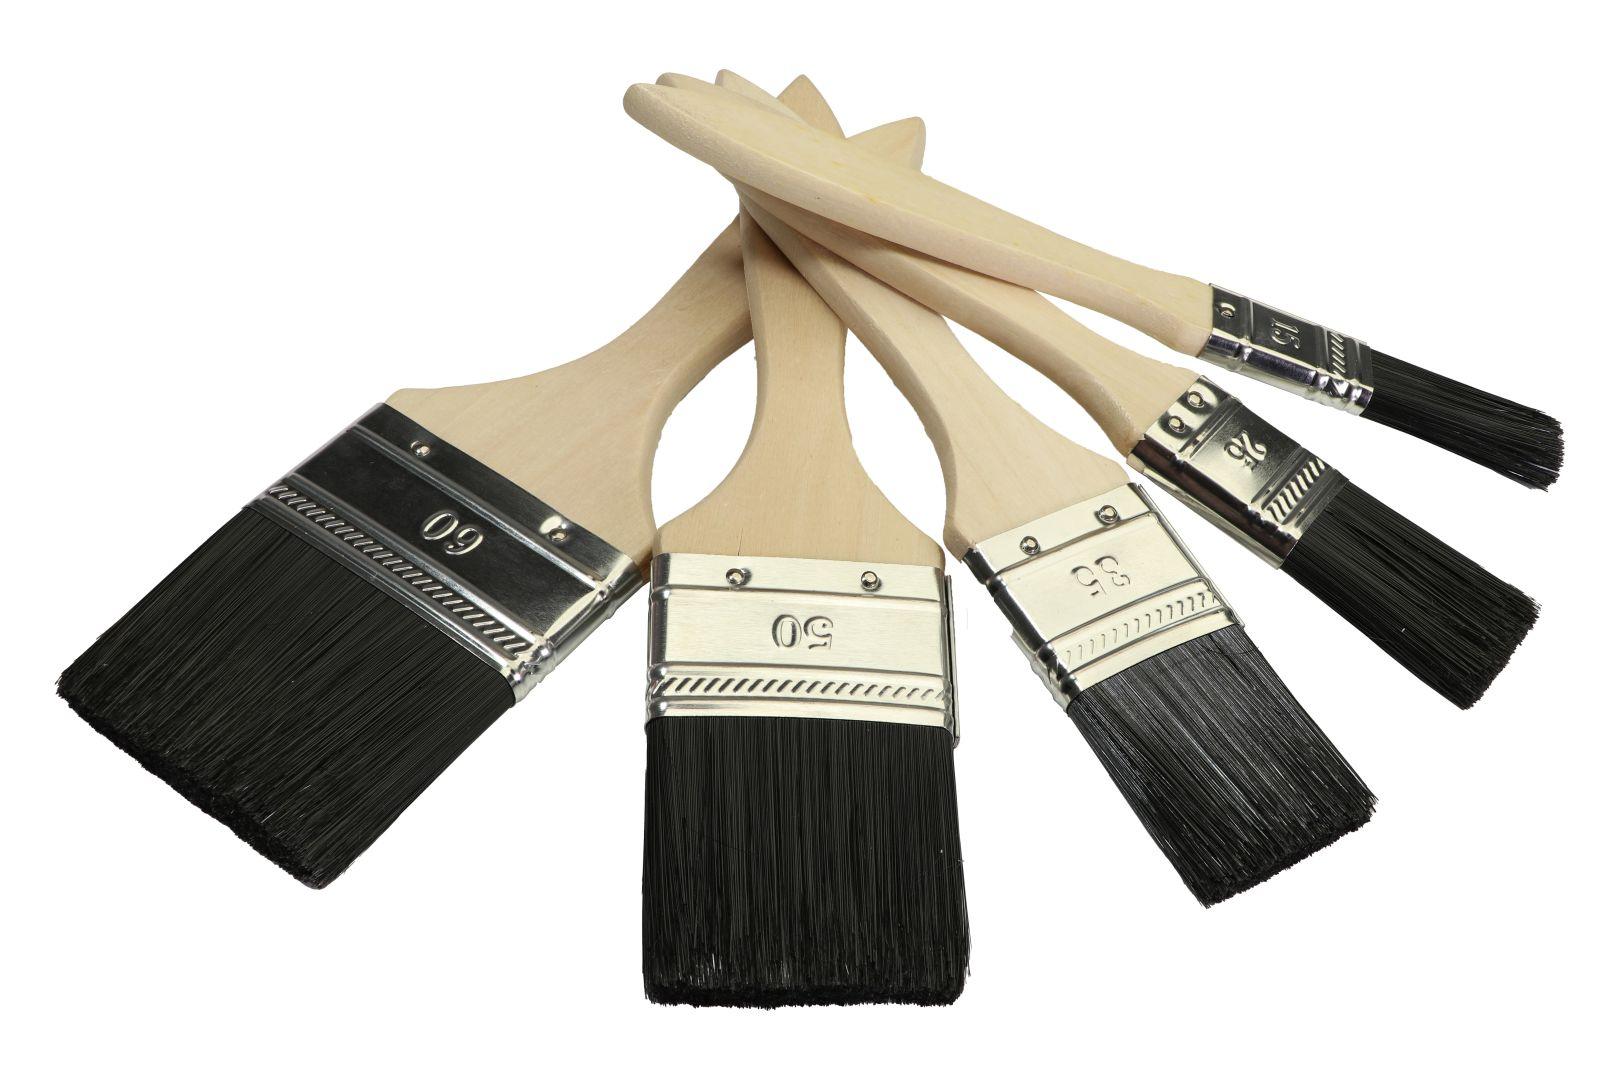 GO/ON Flachpinsel-Set, für kleine Streich- und Malerbeiten, 5-tlg, 15, 25, 35, 50 und 60 mm